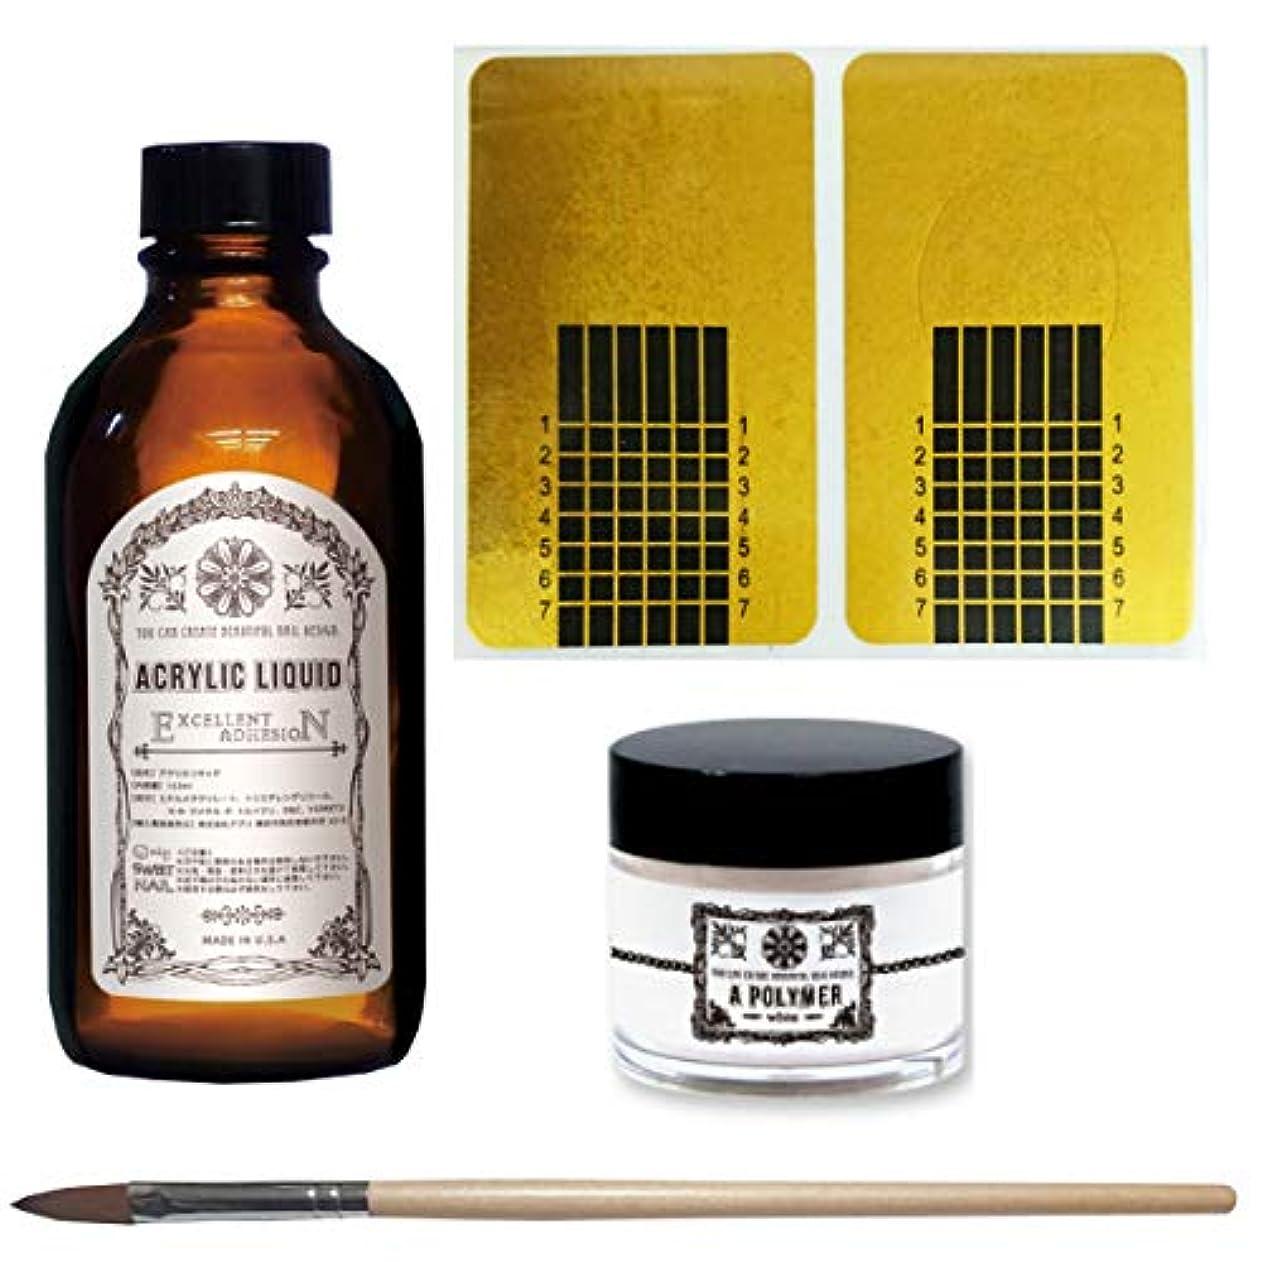 瞑想するアルバムキュービックネイル アクリルリキッド アクリルパウダー スカルプブラシ ネイルフォーム セット販売+プレゼントつき (2oz(59ml)  クリア  10号(キャップ付き) ネイルフォーム)